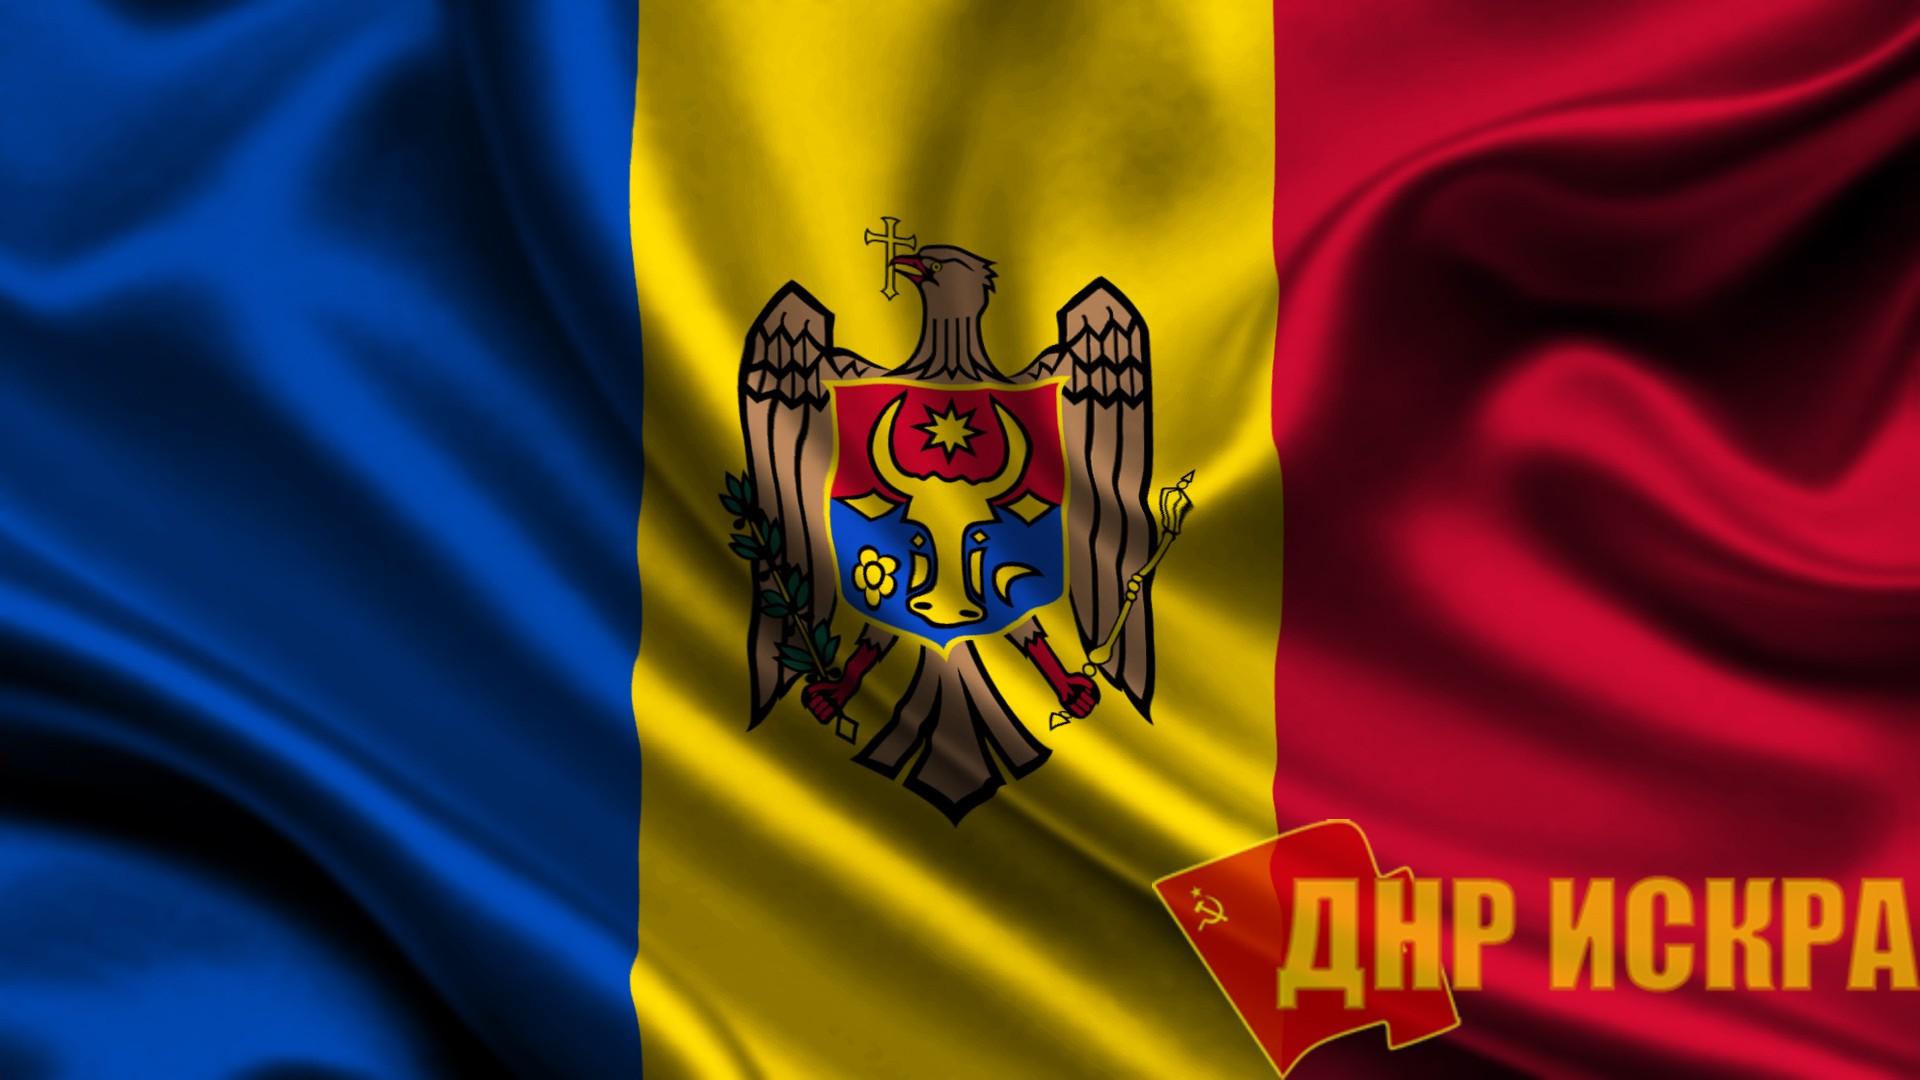 Новости ПКРМ. Избивают, запугивают и подкупают. Что еще увидела делегация ПАСЕ в предвыборной Молдове